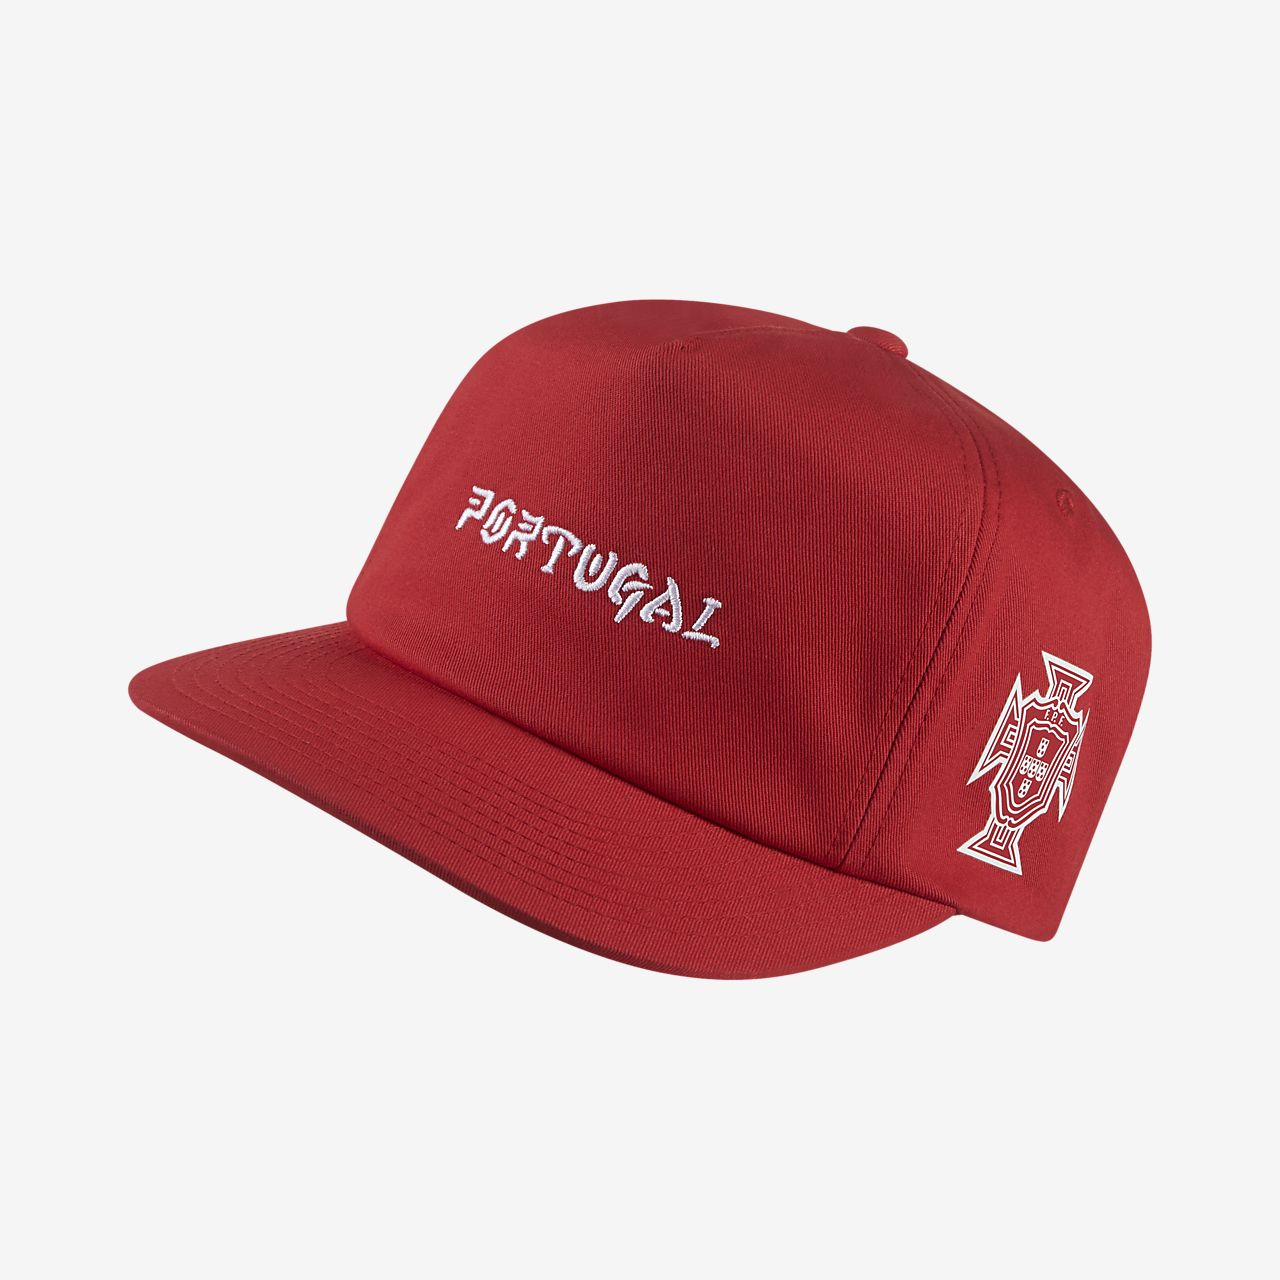 Hurley Portugal National Team Gorra regulable - Home. Nike.com ES 5289559e21f